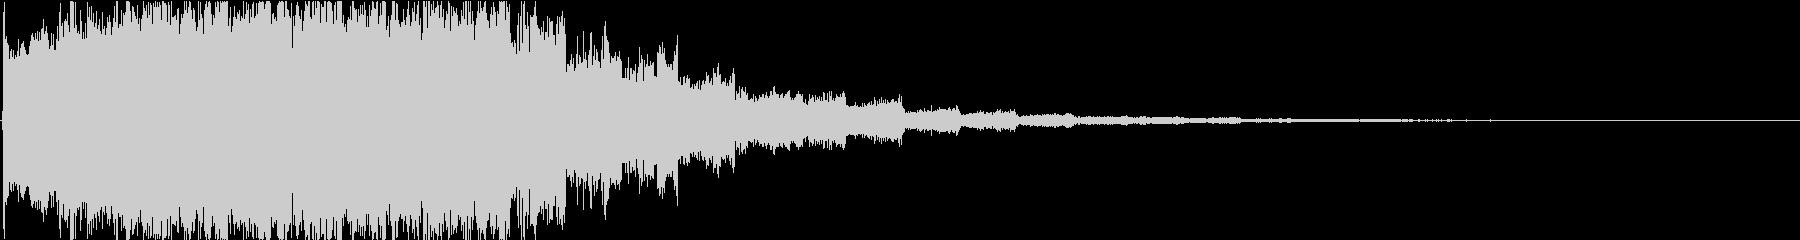 エレクトロ風:場面切り替えロボットの音3の未再生の波形